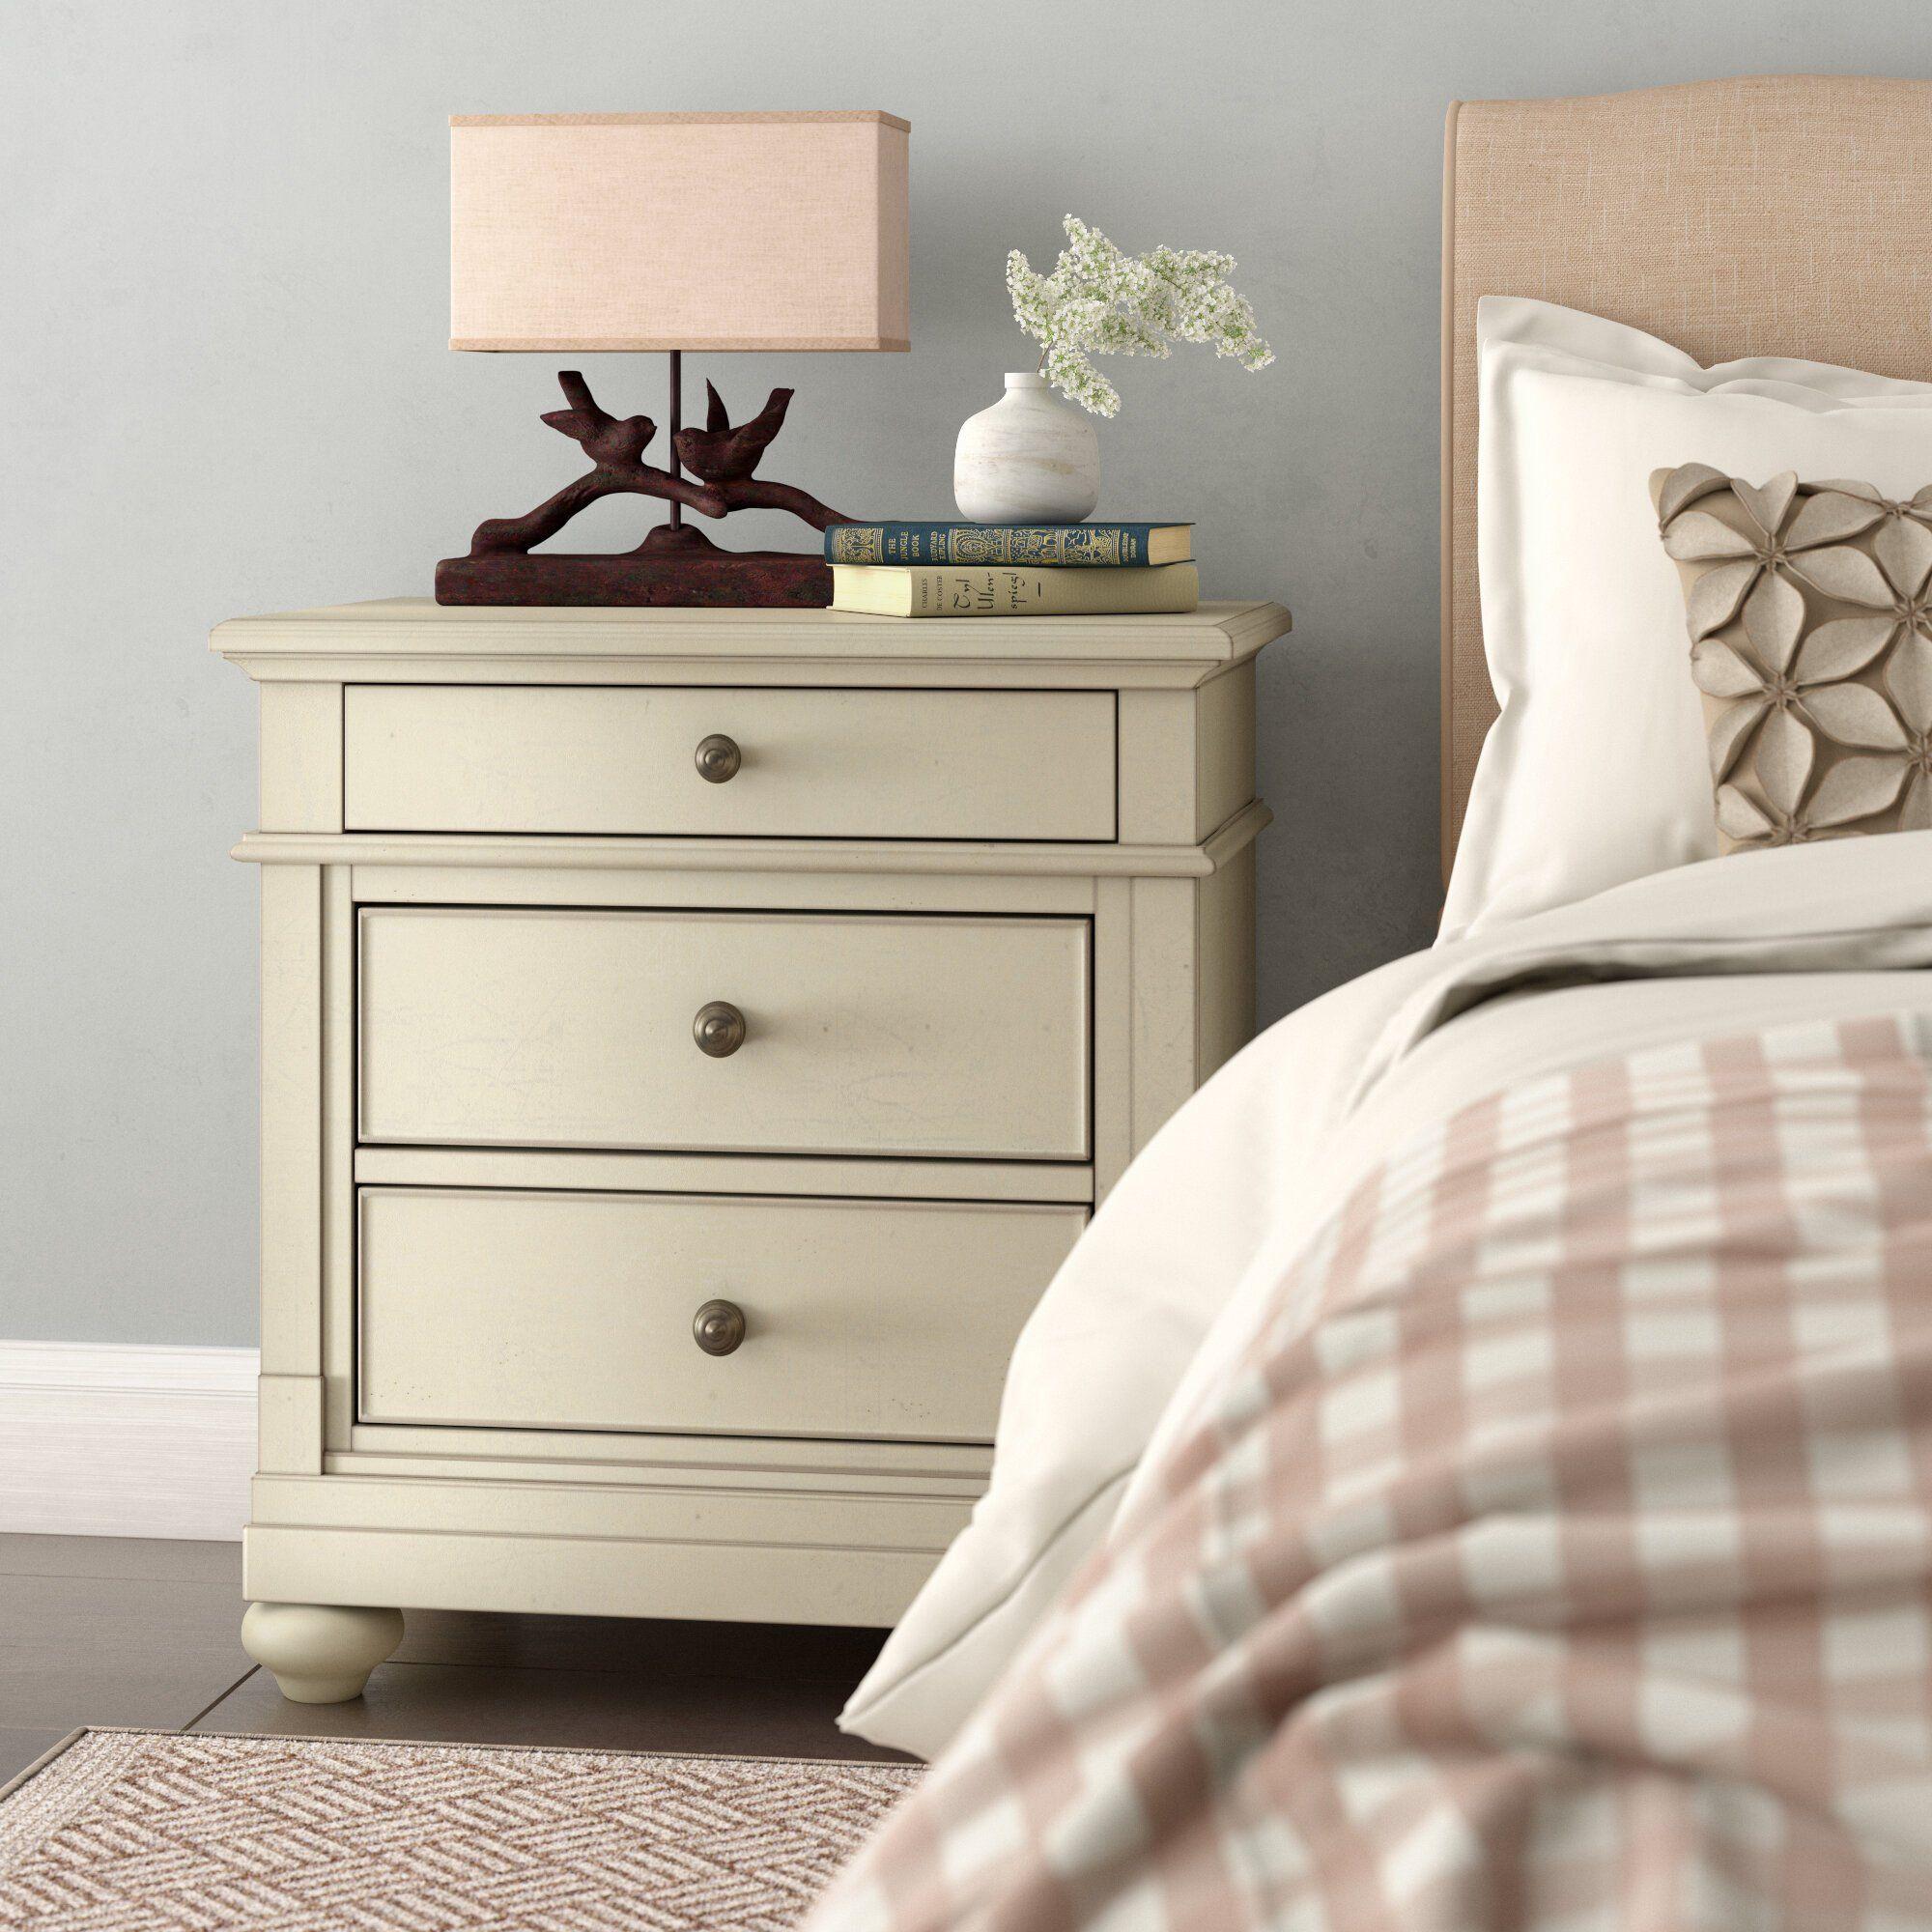 Wayfair Furniture Bedroom Set Inspirational Nightstands & Bedside